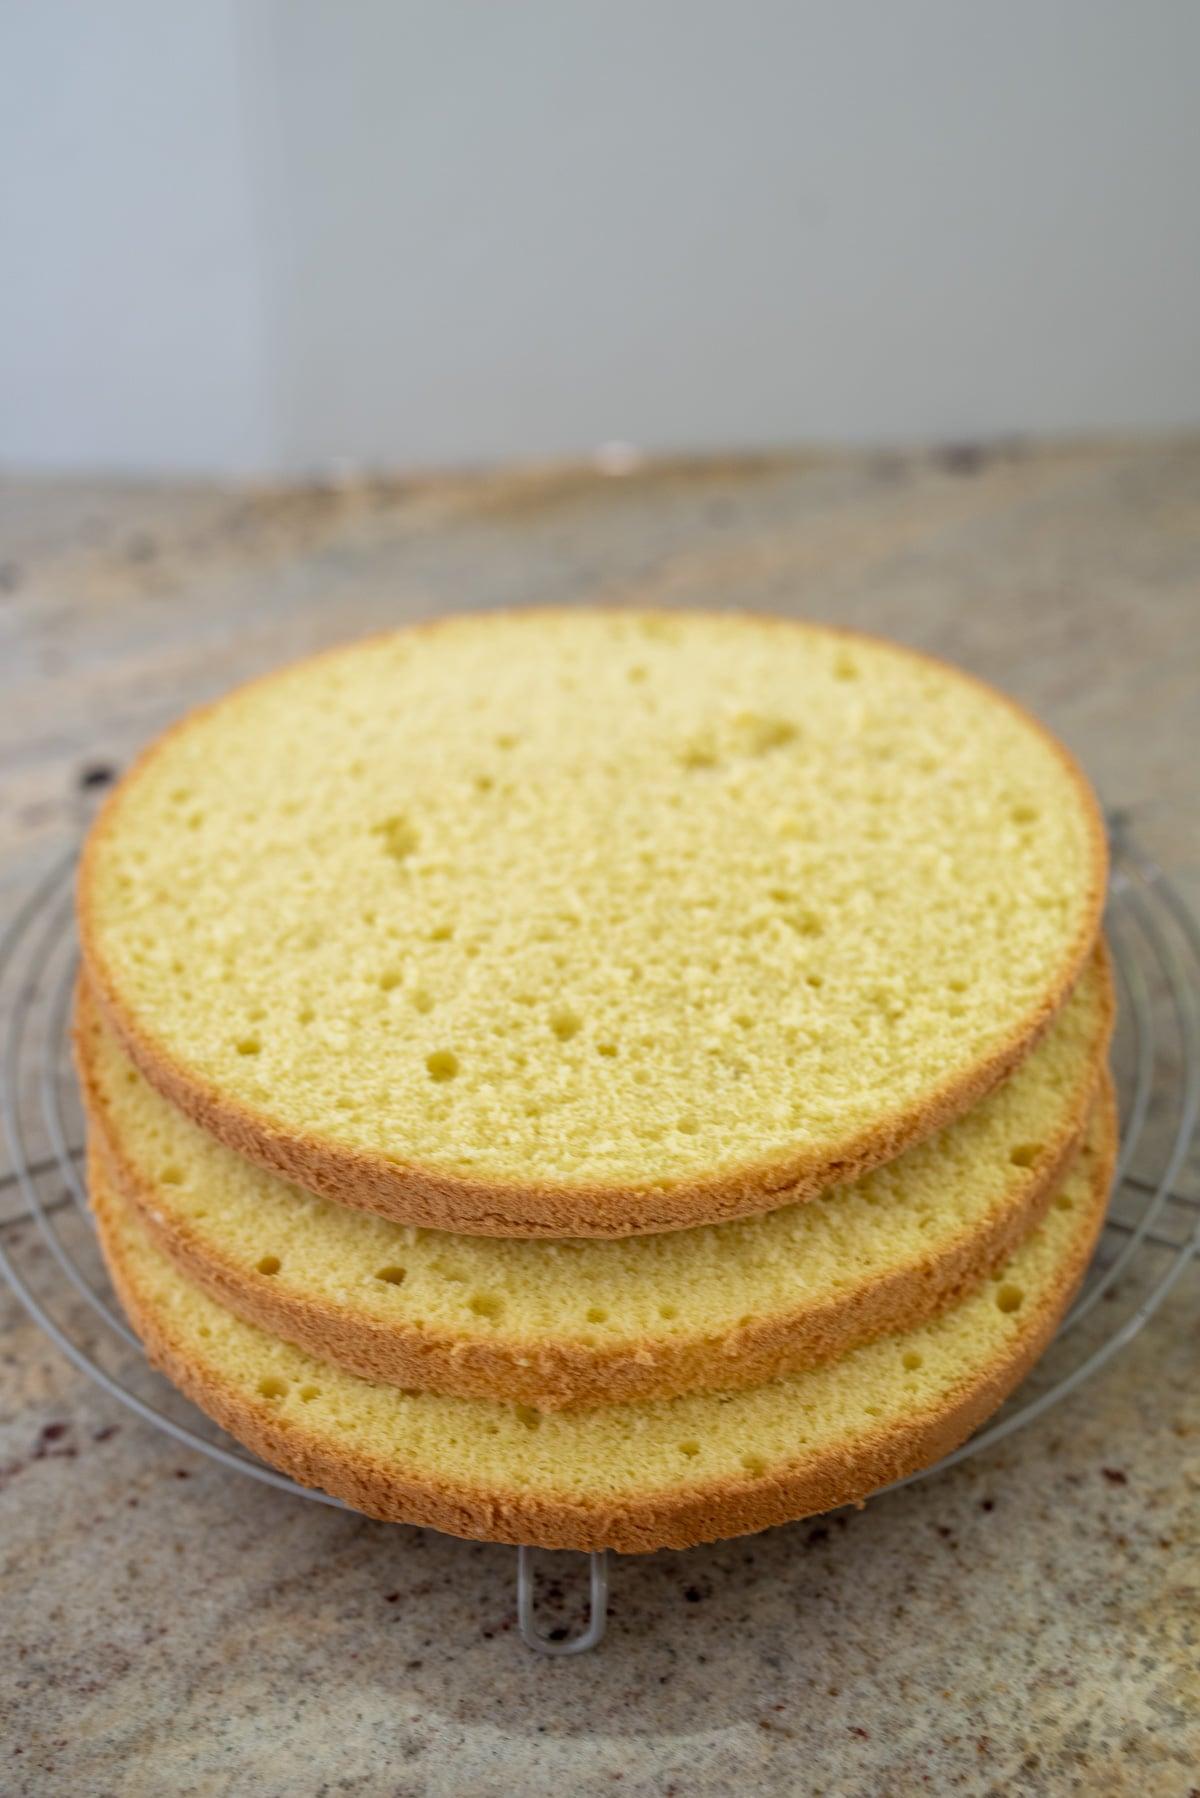 trzy żółciutkie blaty biszkoptu ułożone na kratce do studzenia ciast